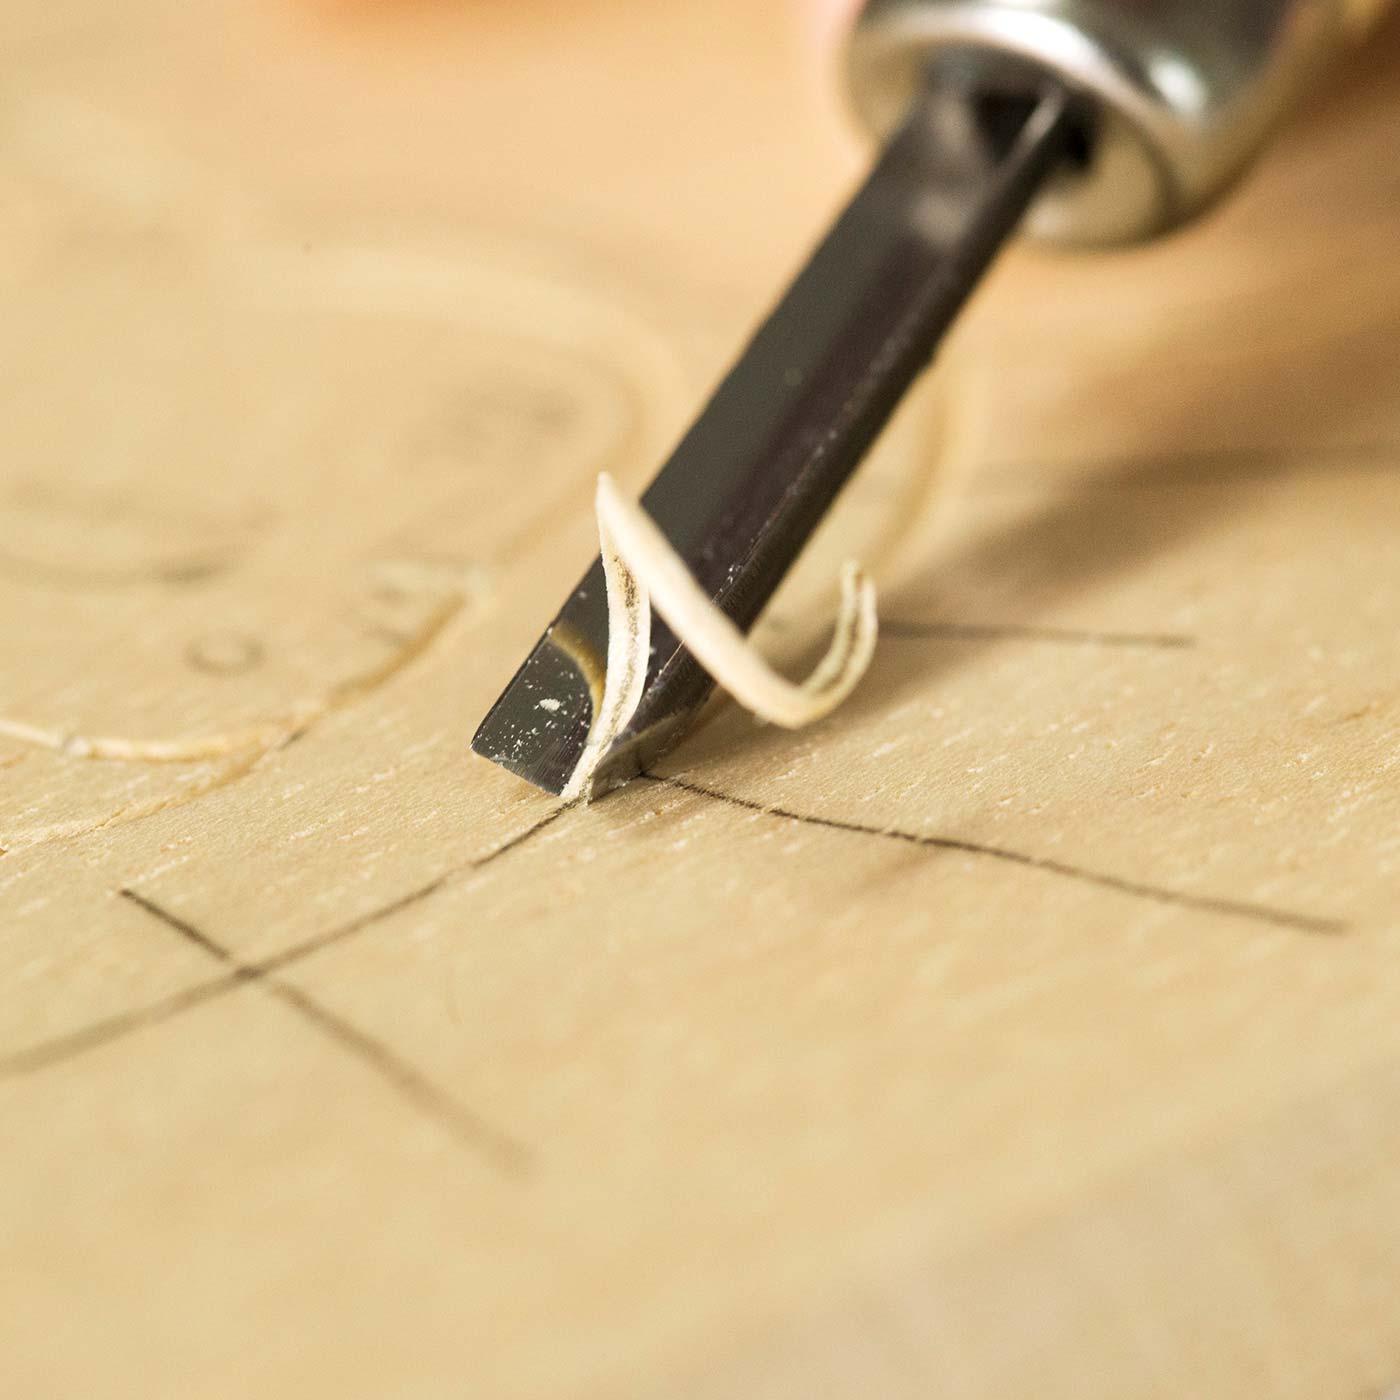 刃を版面に垂直に立てると陰影の差がない均一な線に彫り上がります。